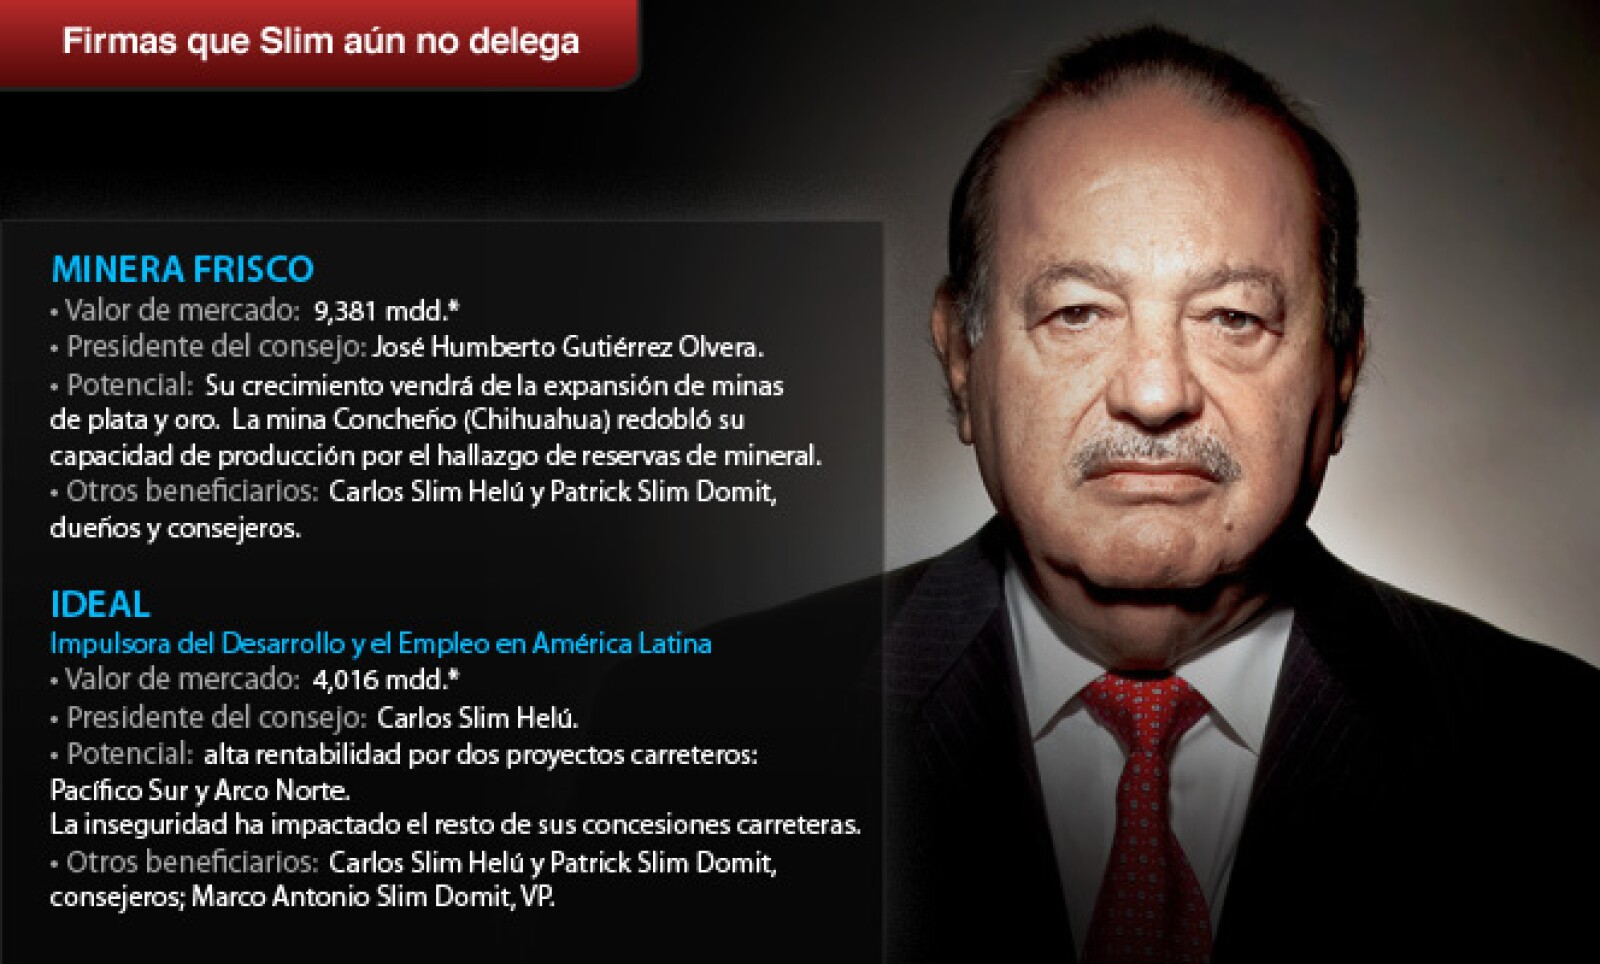 Al empresario Carlos Slim, aún le falta por delegar cuatro compañías.